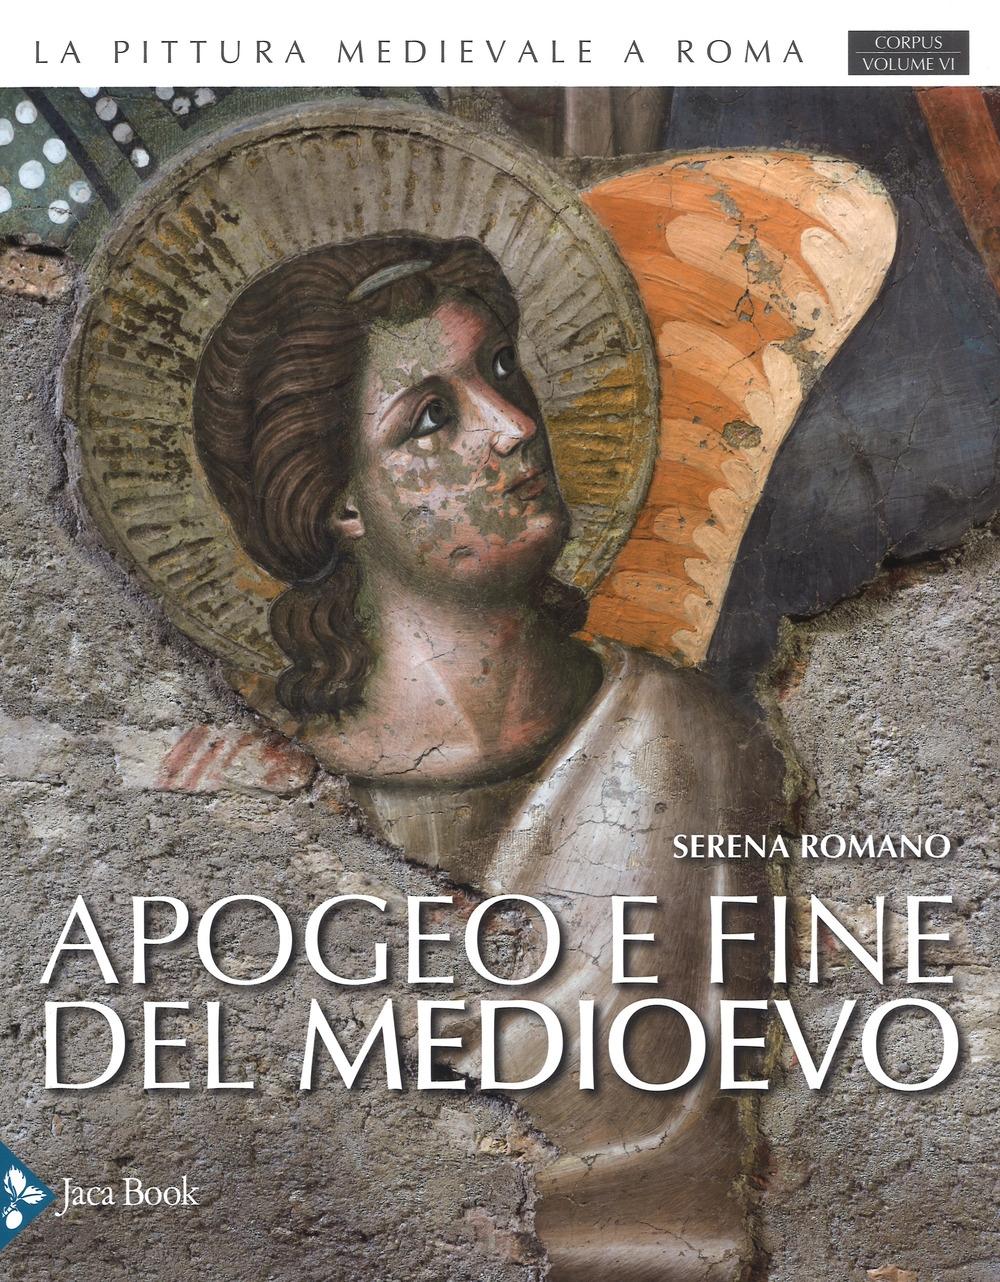 La Pittura Medievale a Roma. Corpus VI. Apogeo e Fine del Medioevo 1288-1431